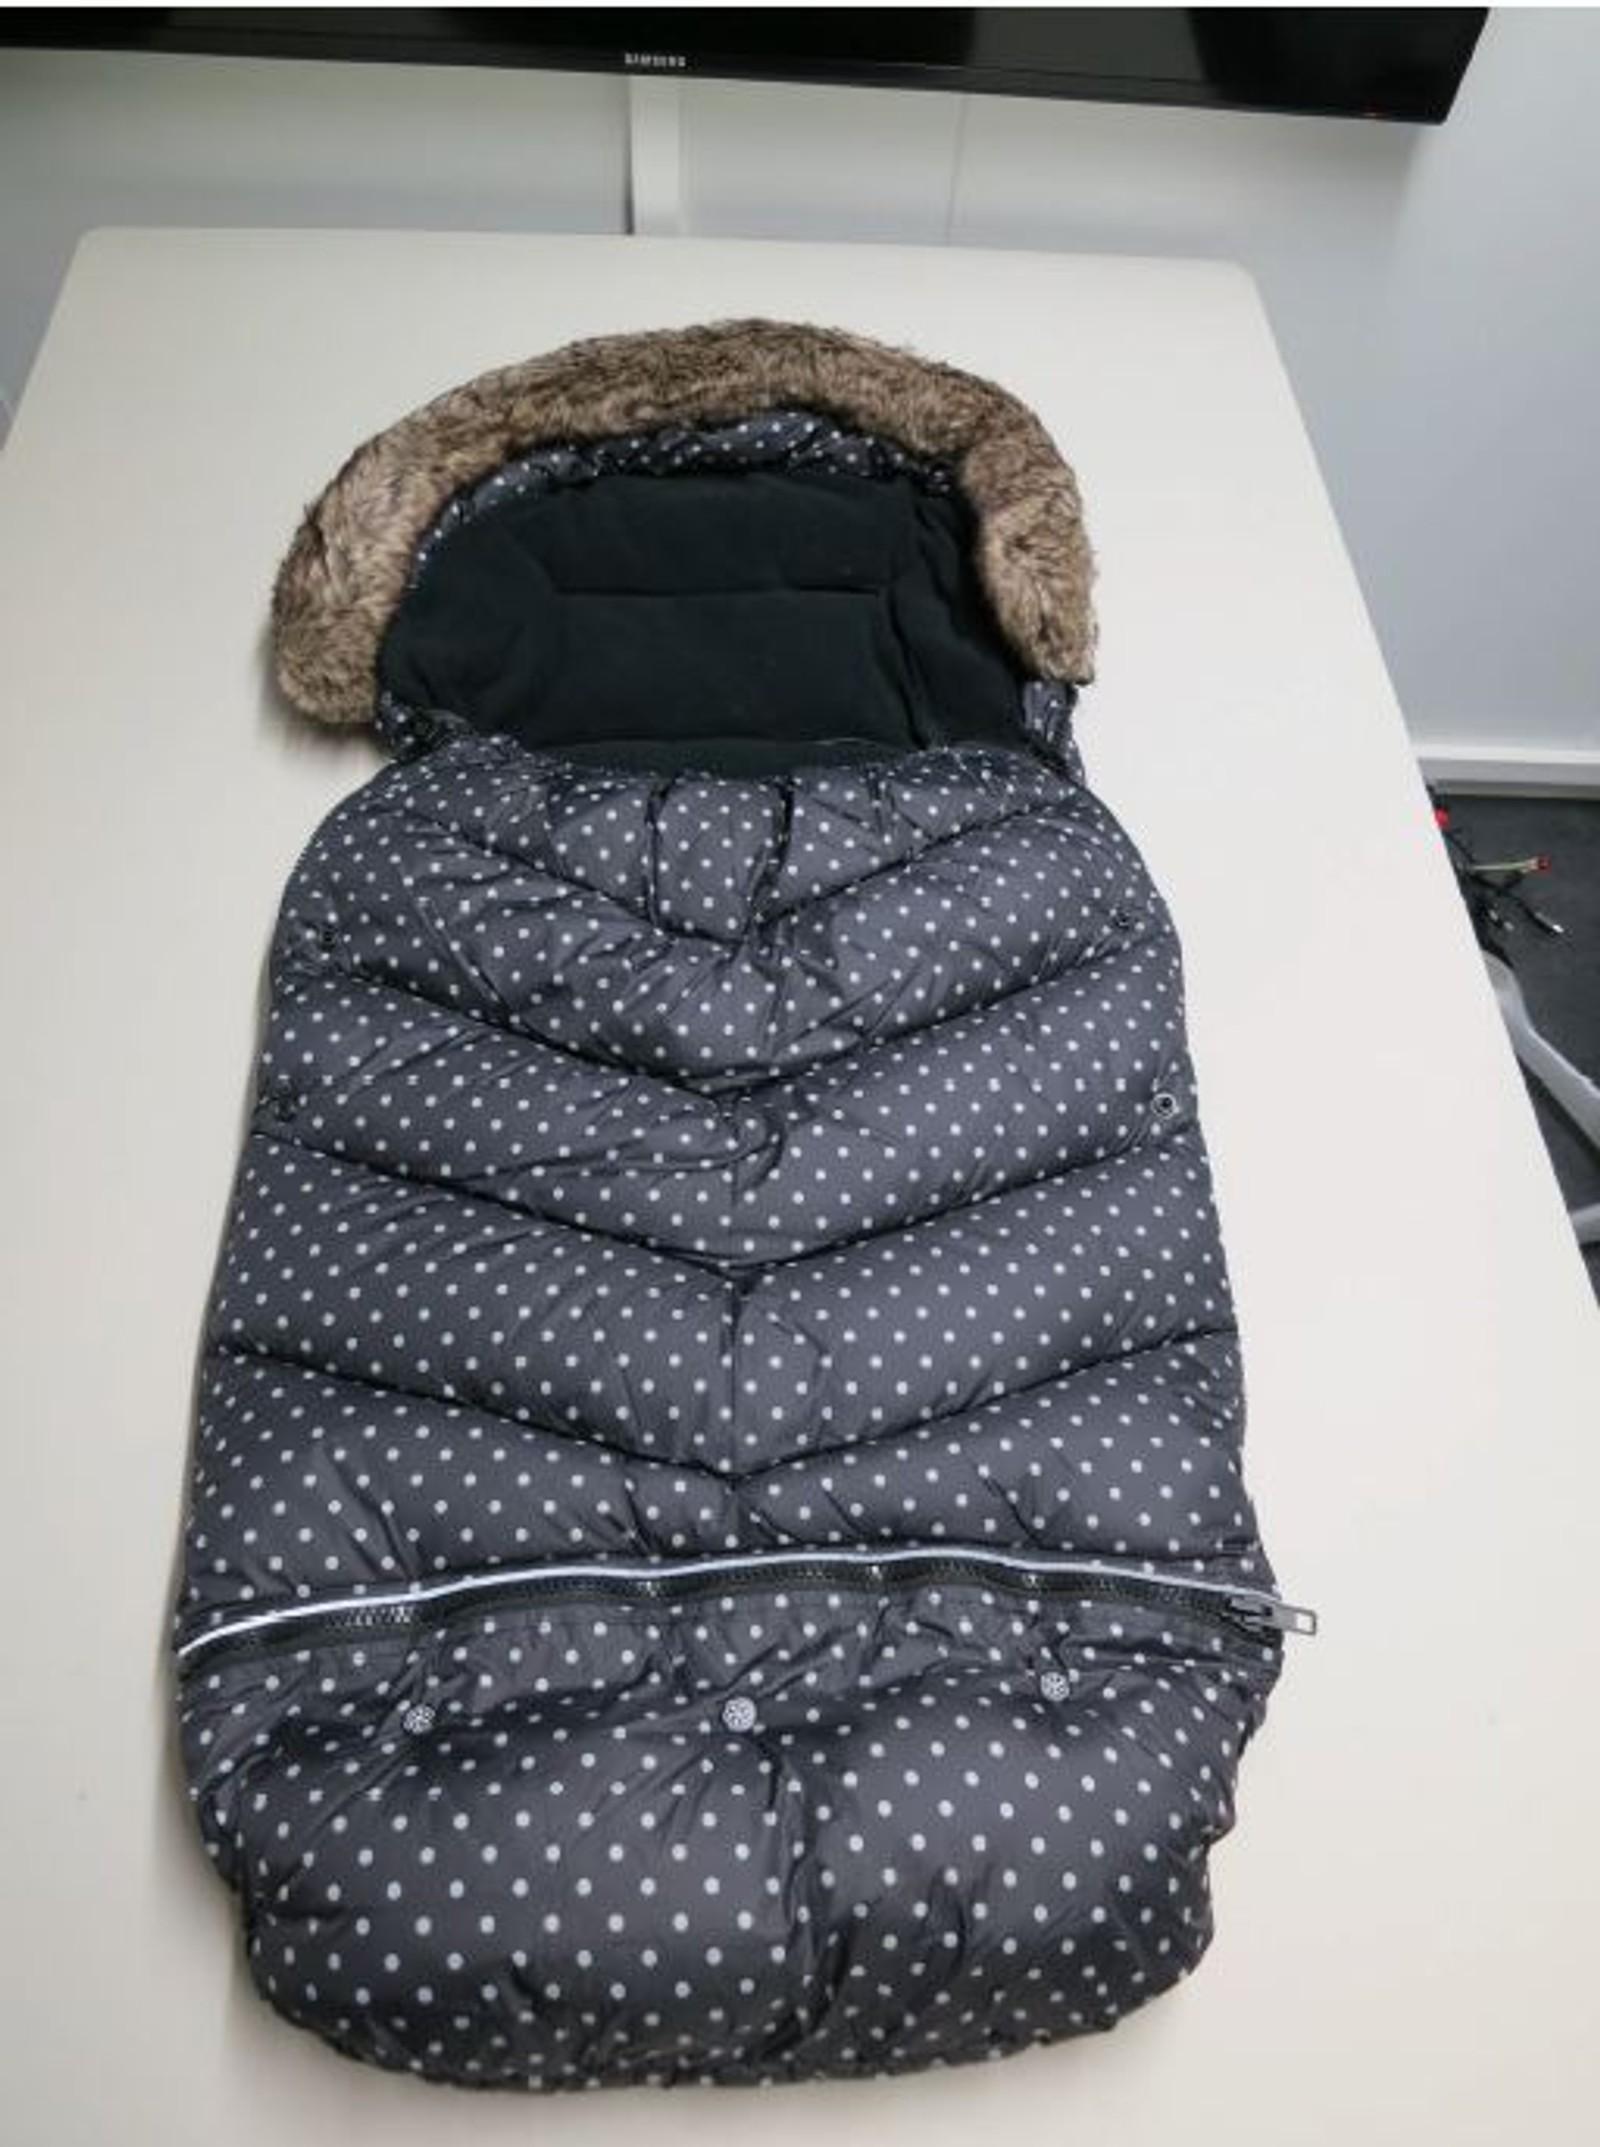 I denne posen fra Babyshop ble det funnet både DEHP og SCCP. Posen er av merket «Vinter og Bloom».